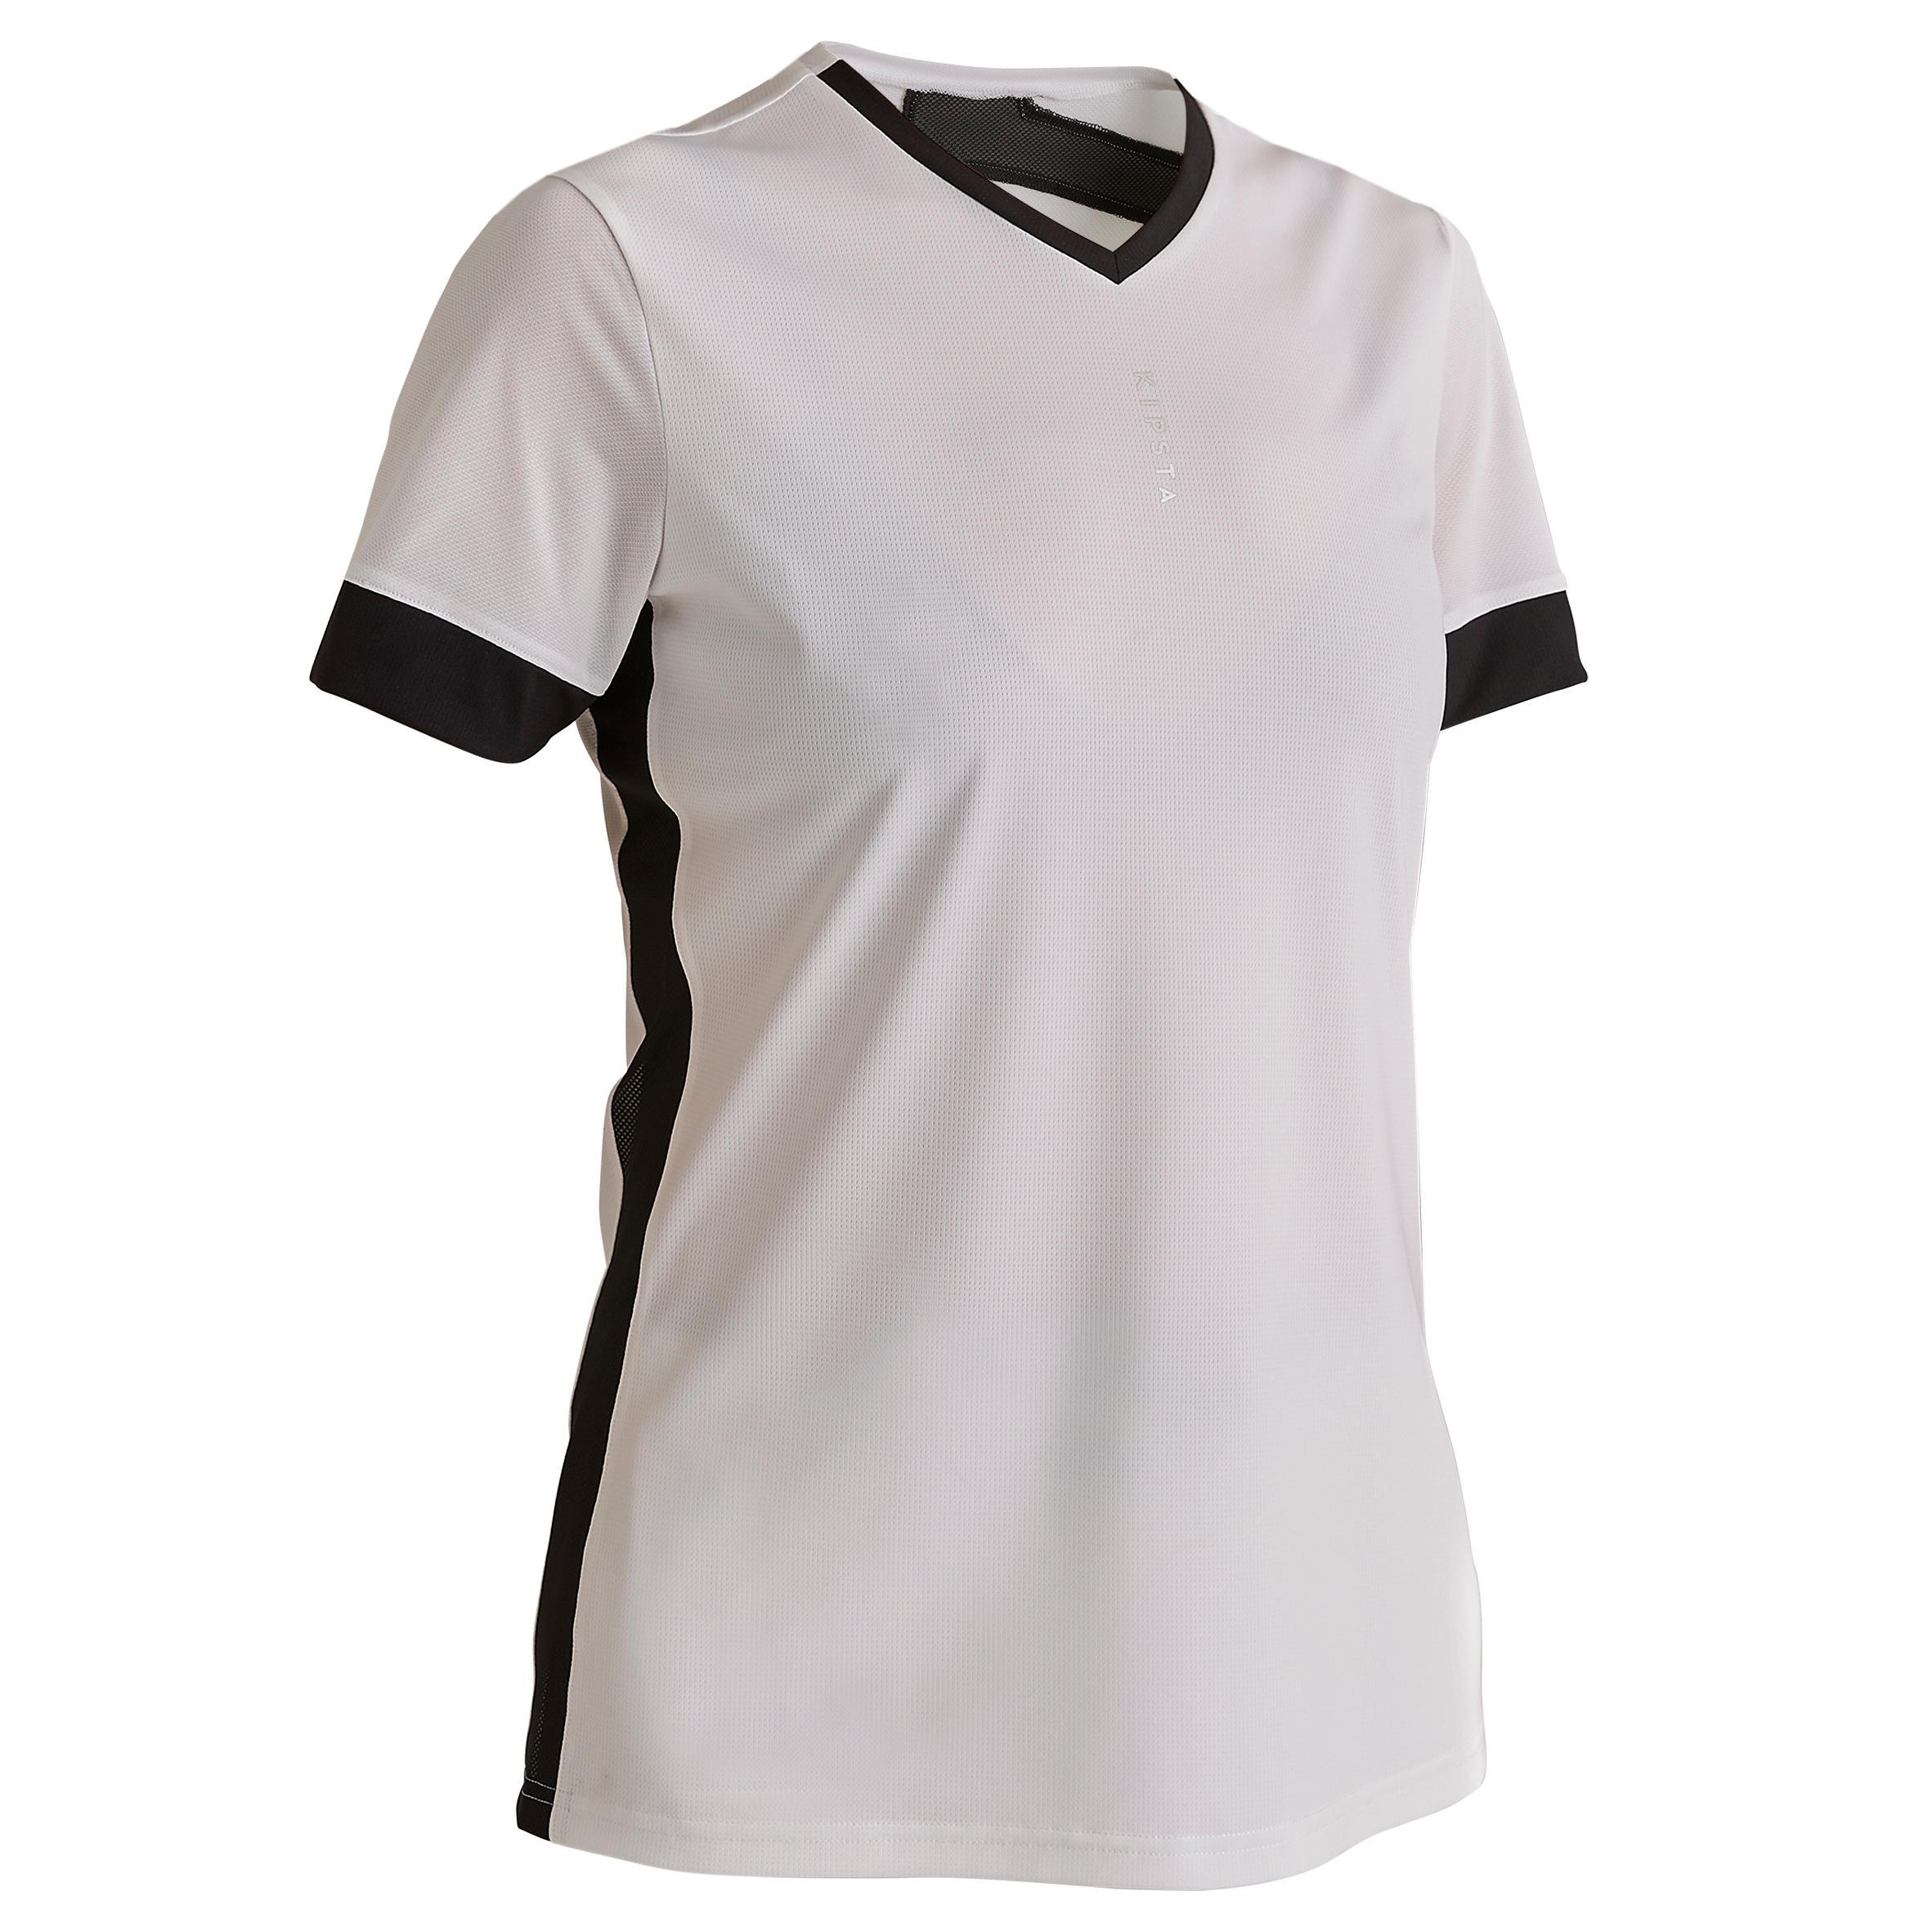 Fußballtrikot F500 Damen weiß/schwarz   Sportbekleidung > Trikots   Kipsta